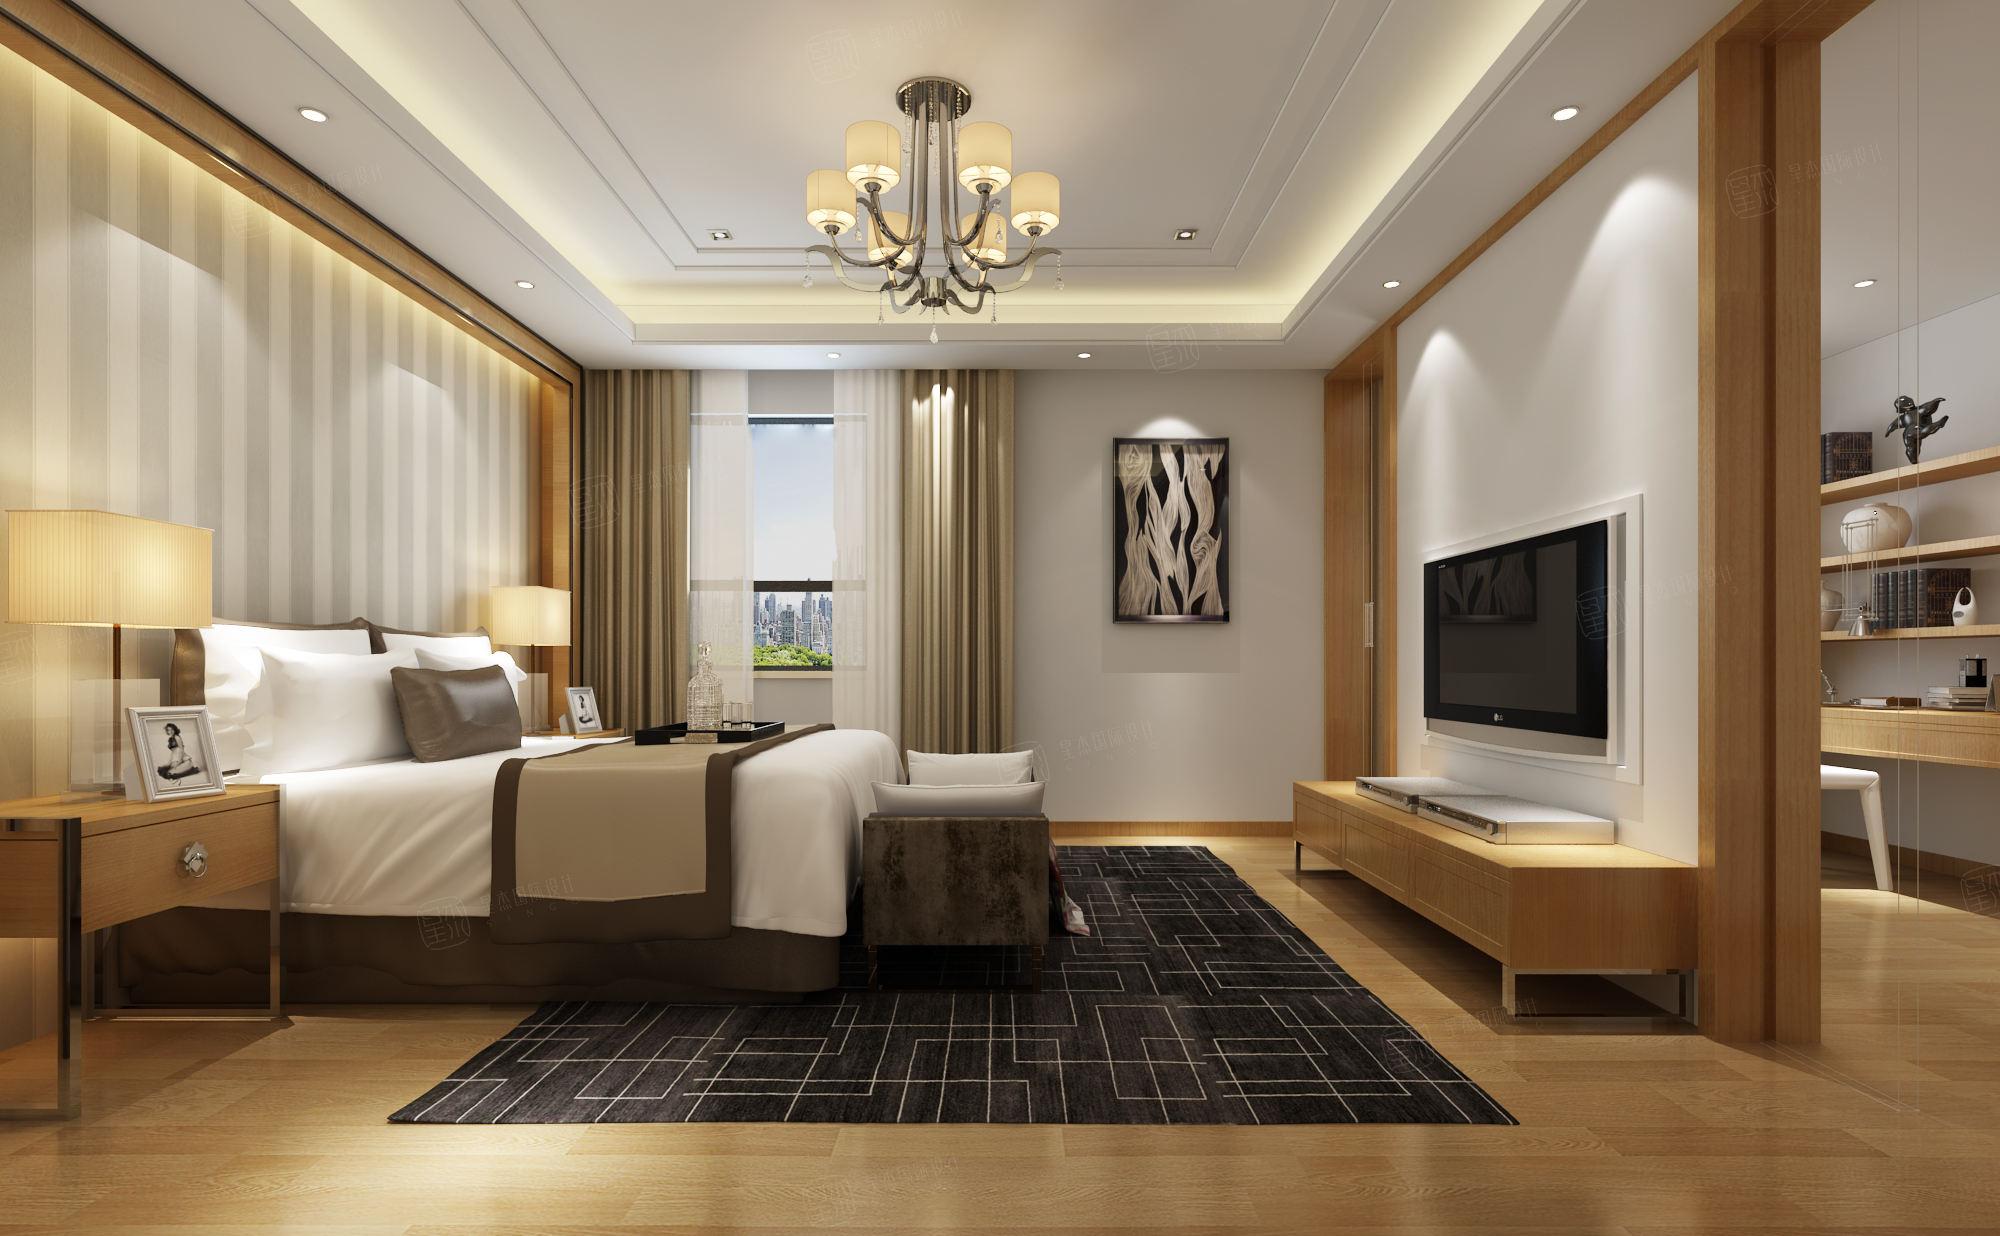 中海悦府 现代简约装修卧室效果图